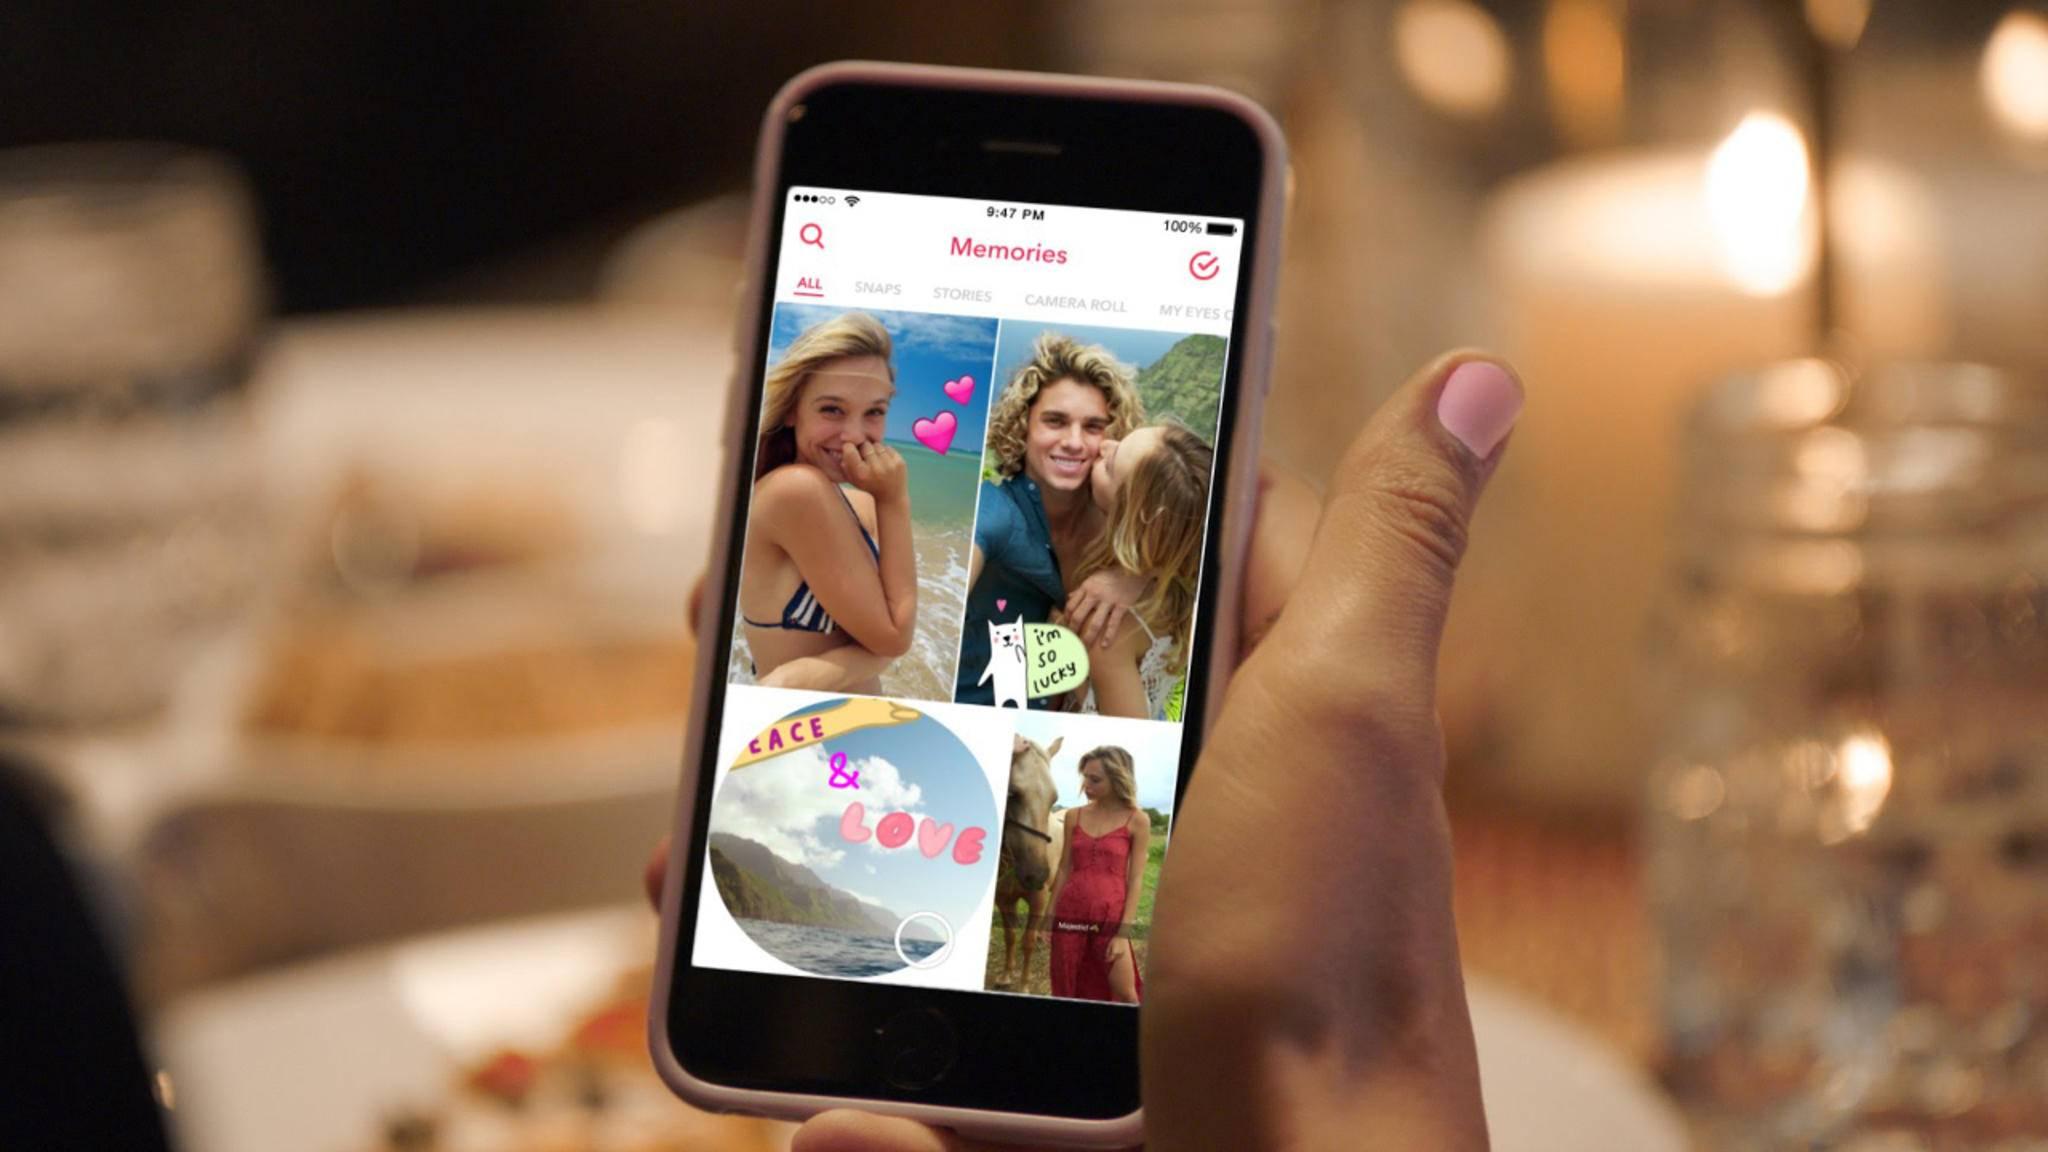 Auf der Suche nach neuen Snapchat-Freunden?